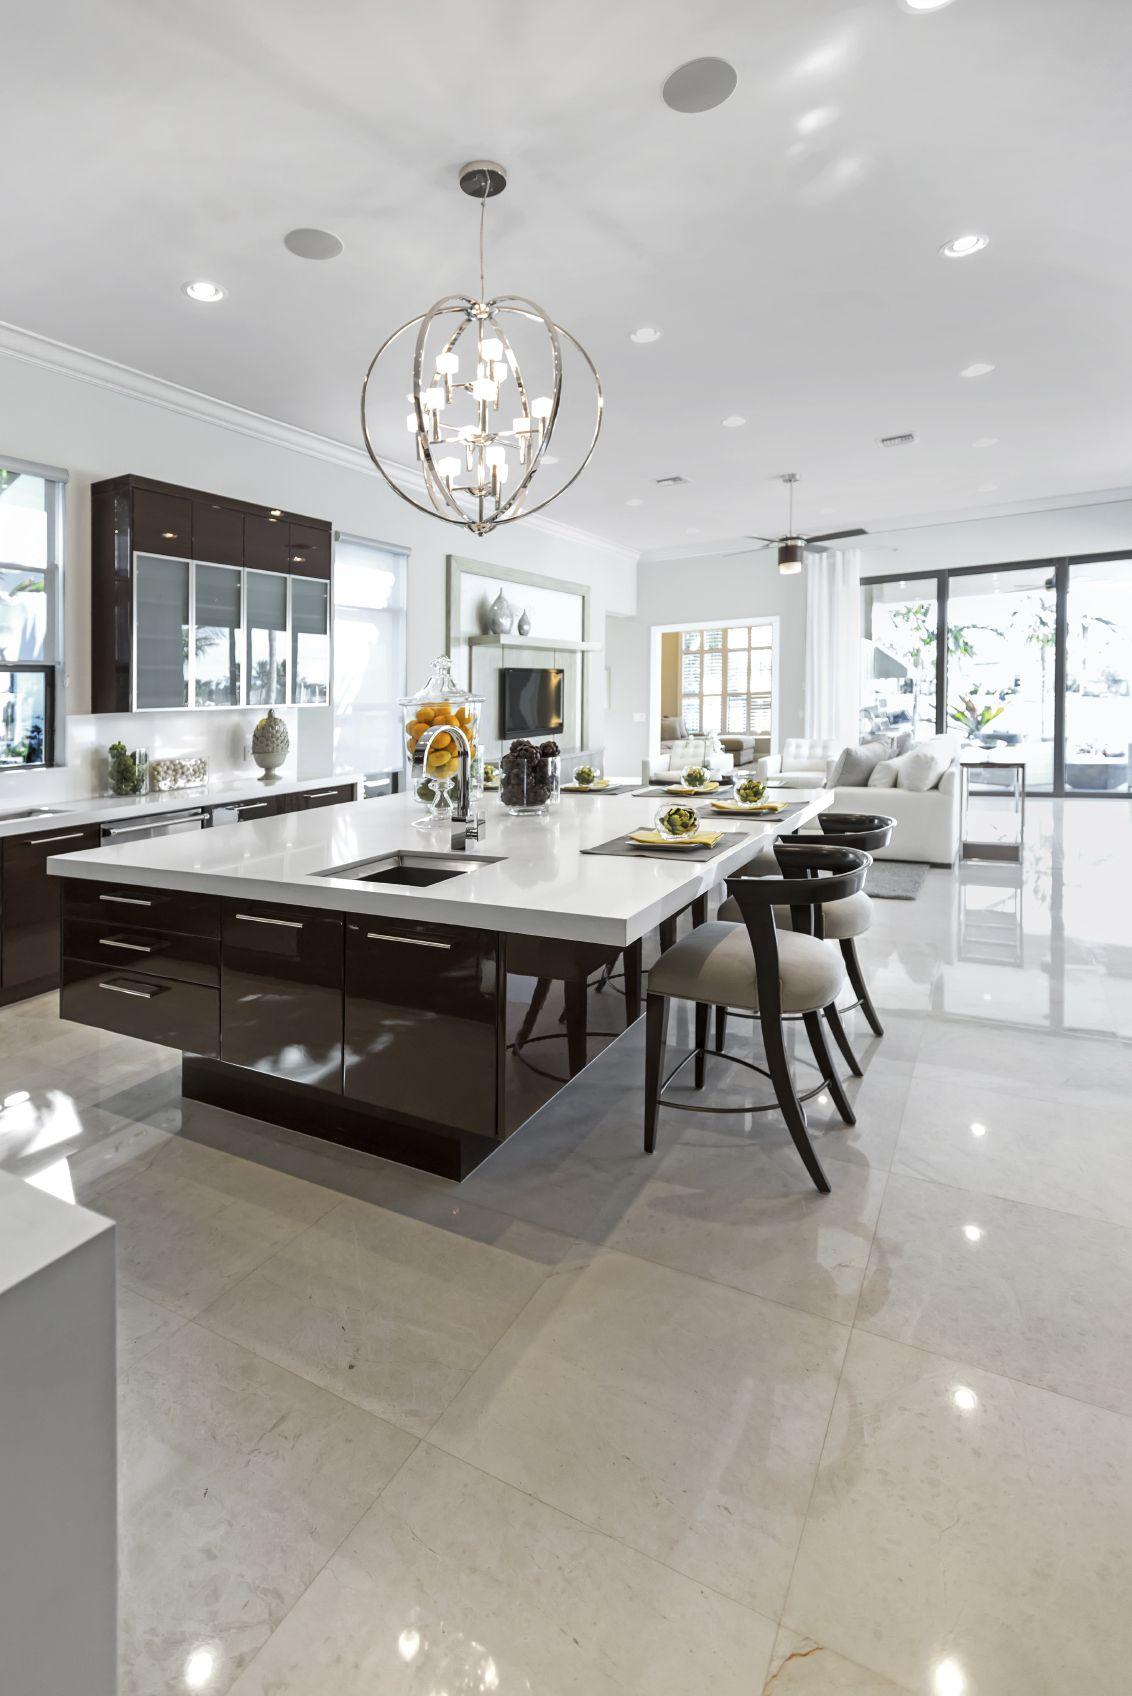 84 Custom Luxury Kitchen Island Ideas & Designs (Pictures ...